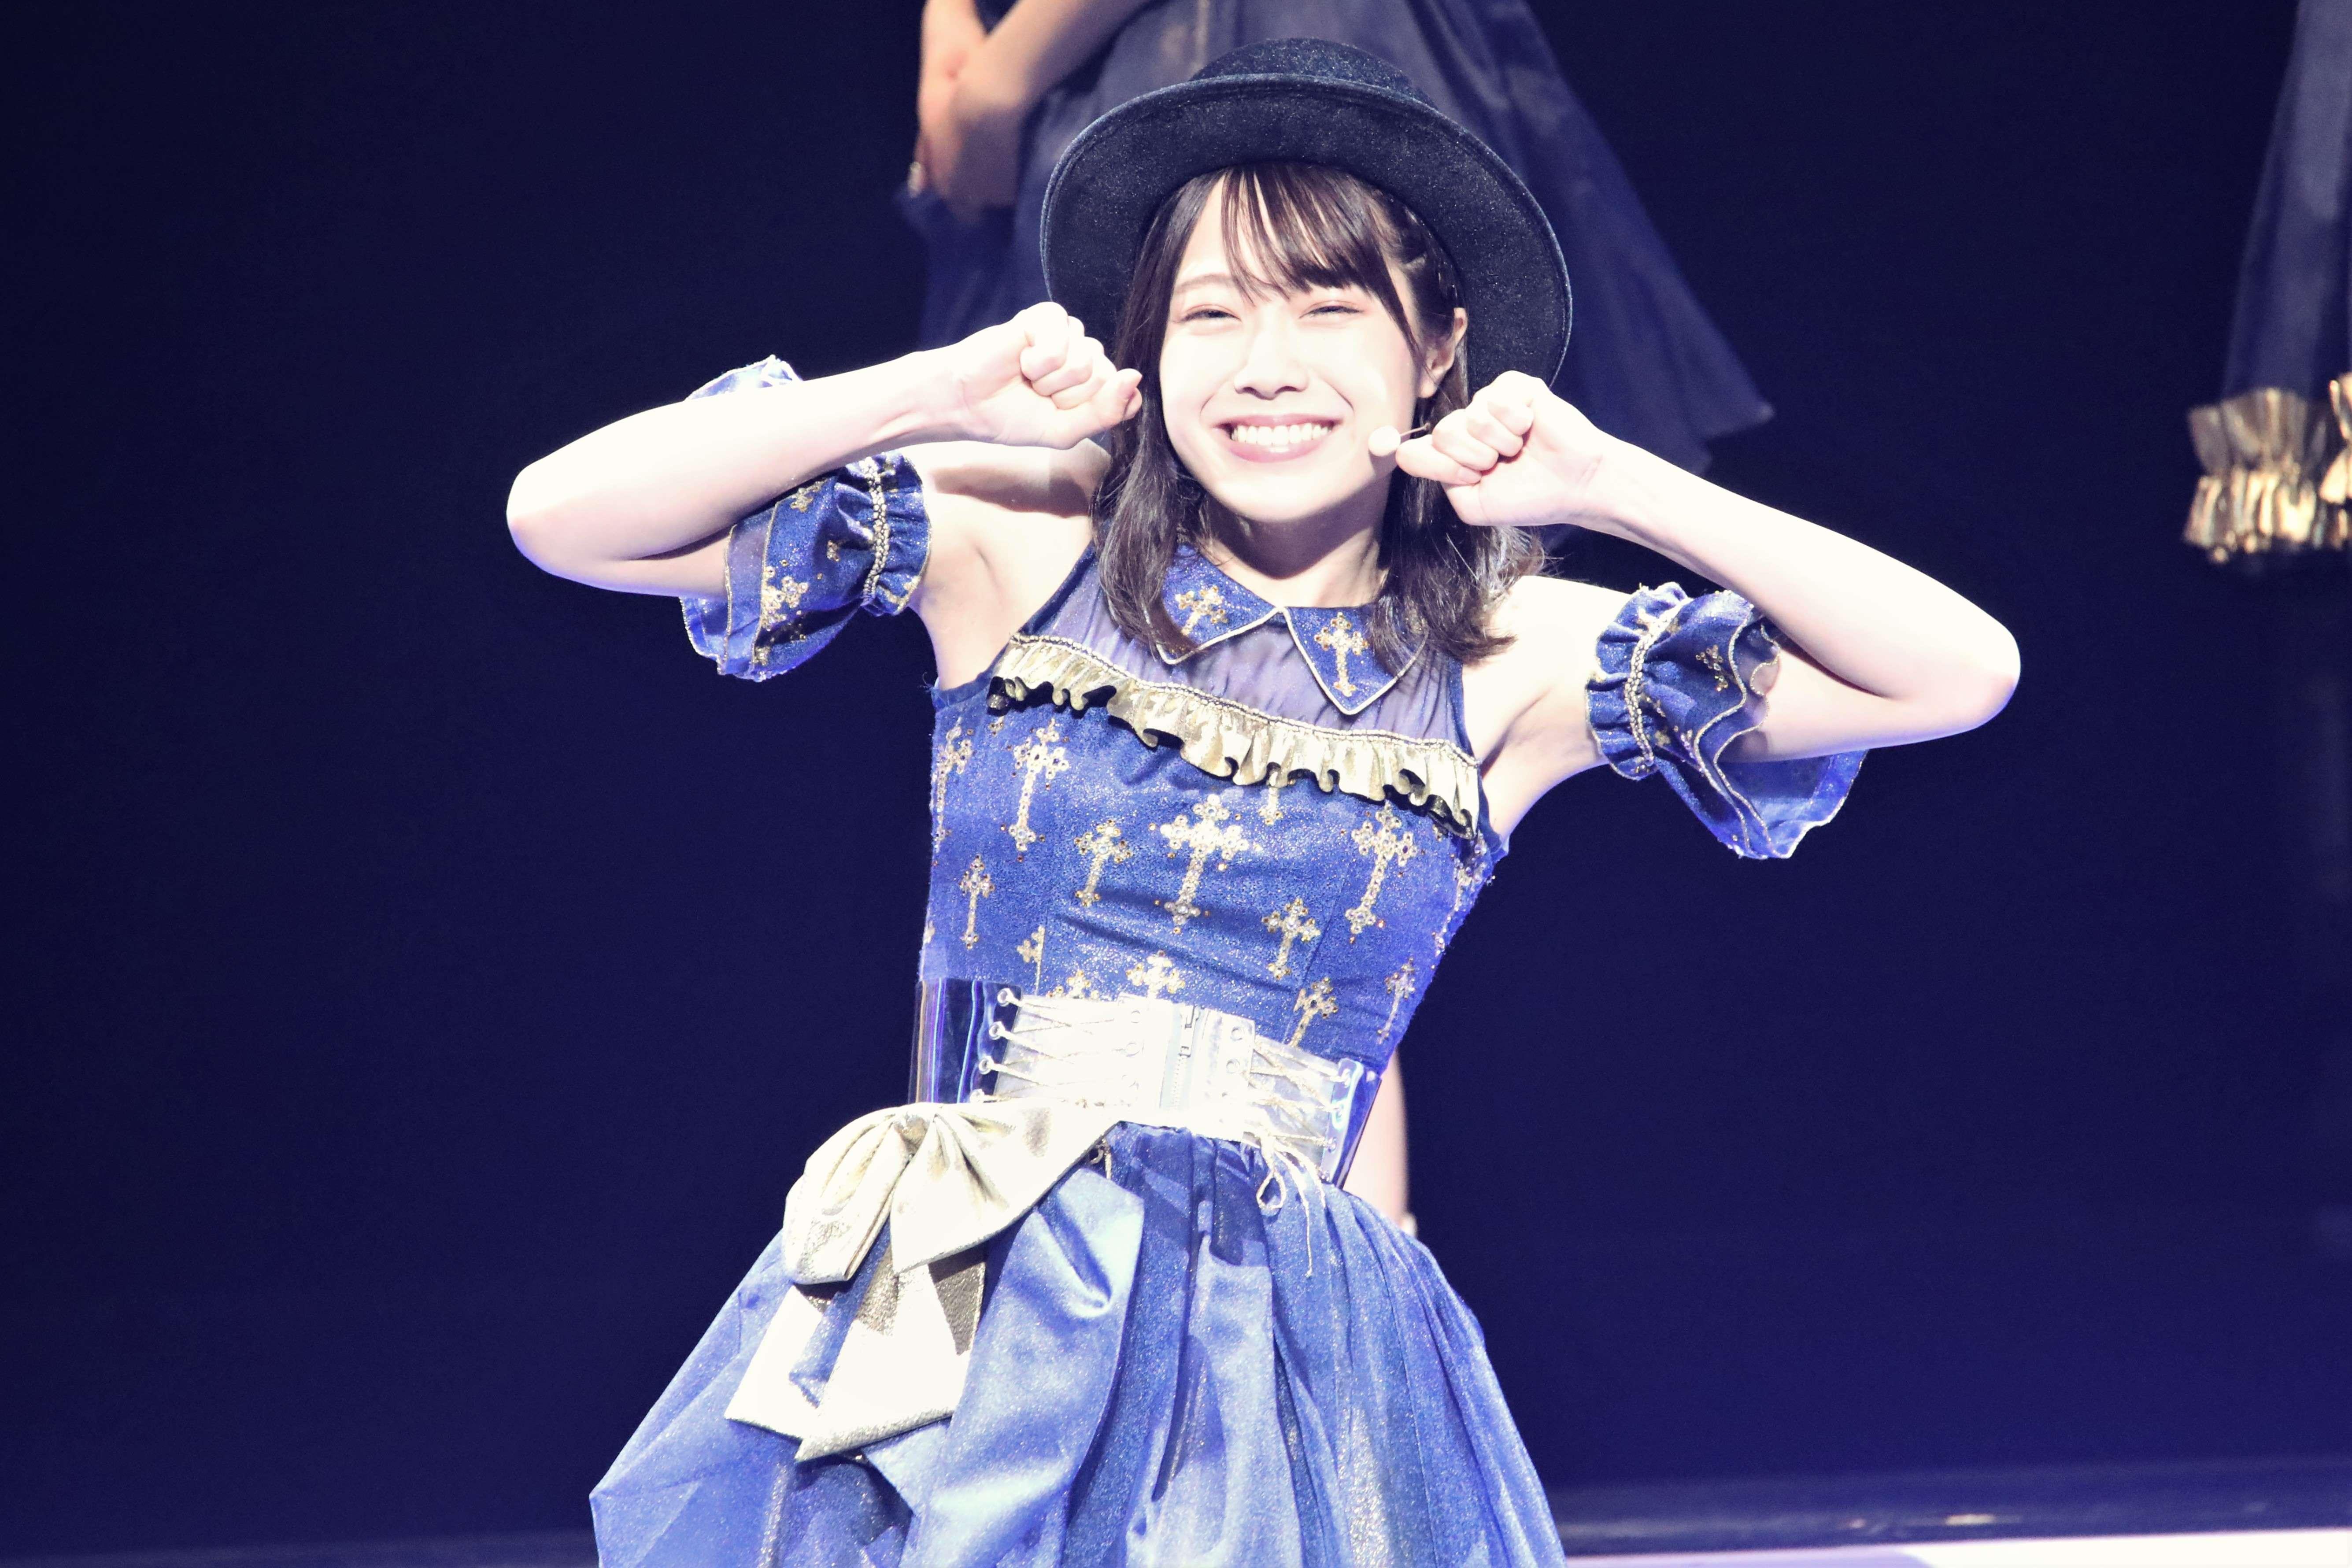 「笑顔がかわいい番長」企画での小田えりな ©AKB48 THE AUDISHOW製作委員会 無断アップロード及び転送は一切禁止です。